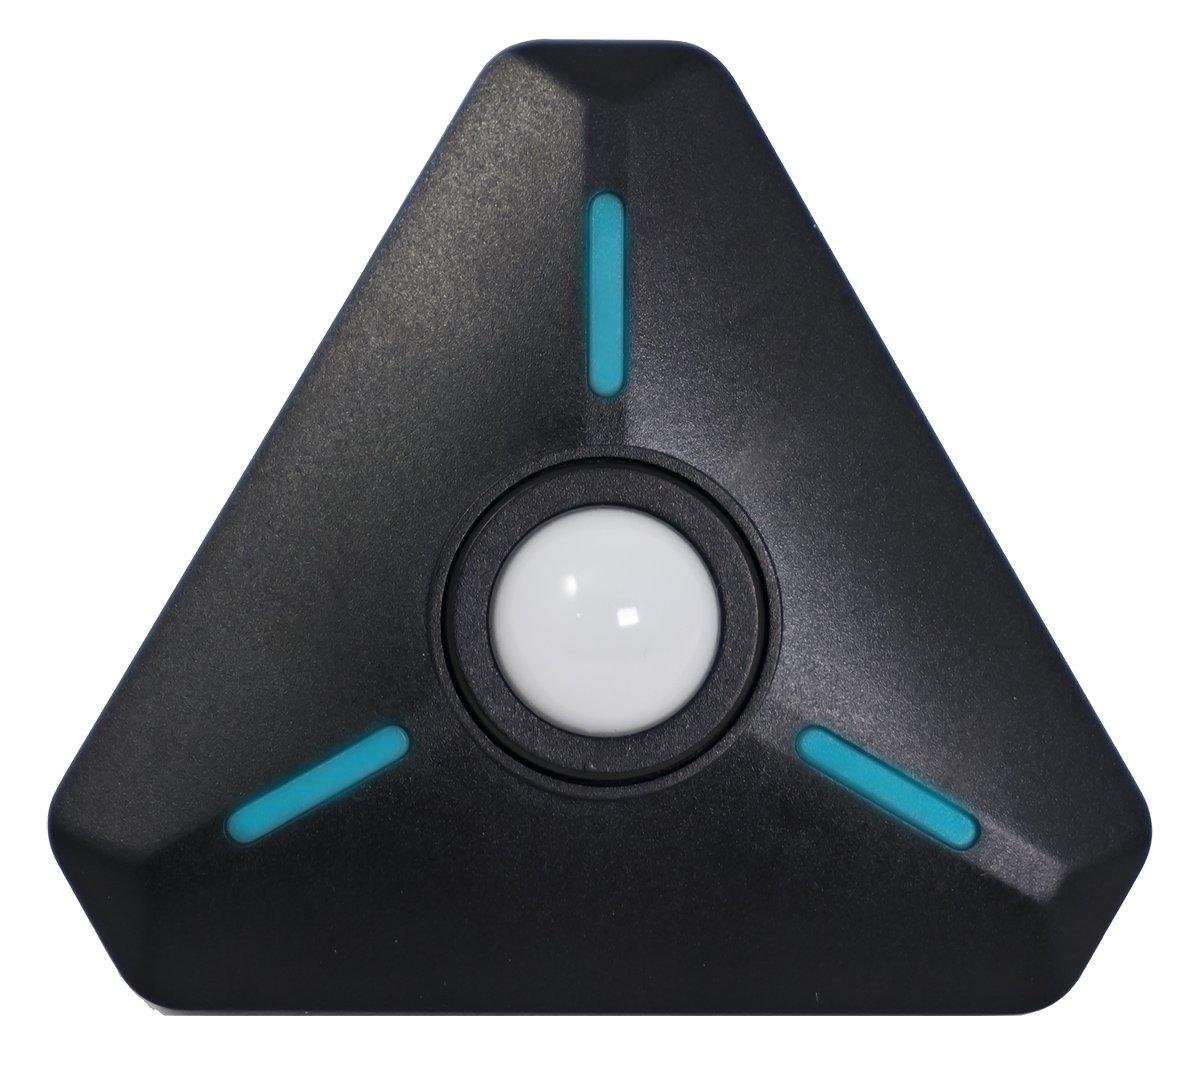 Illuminati Instruments Wireless Light Meter and Color Meter IM100 (Black) by Illuminati Instruments